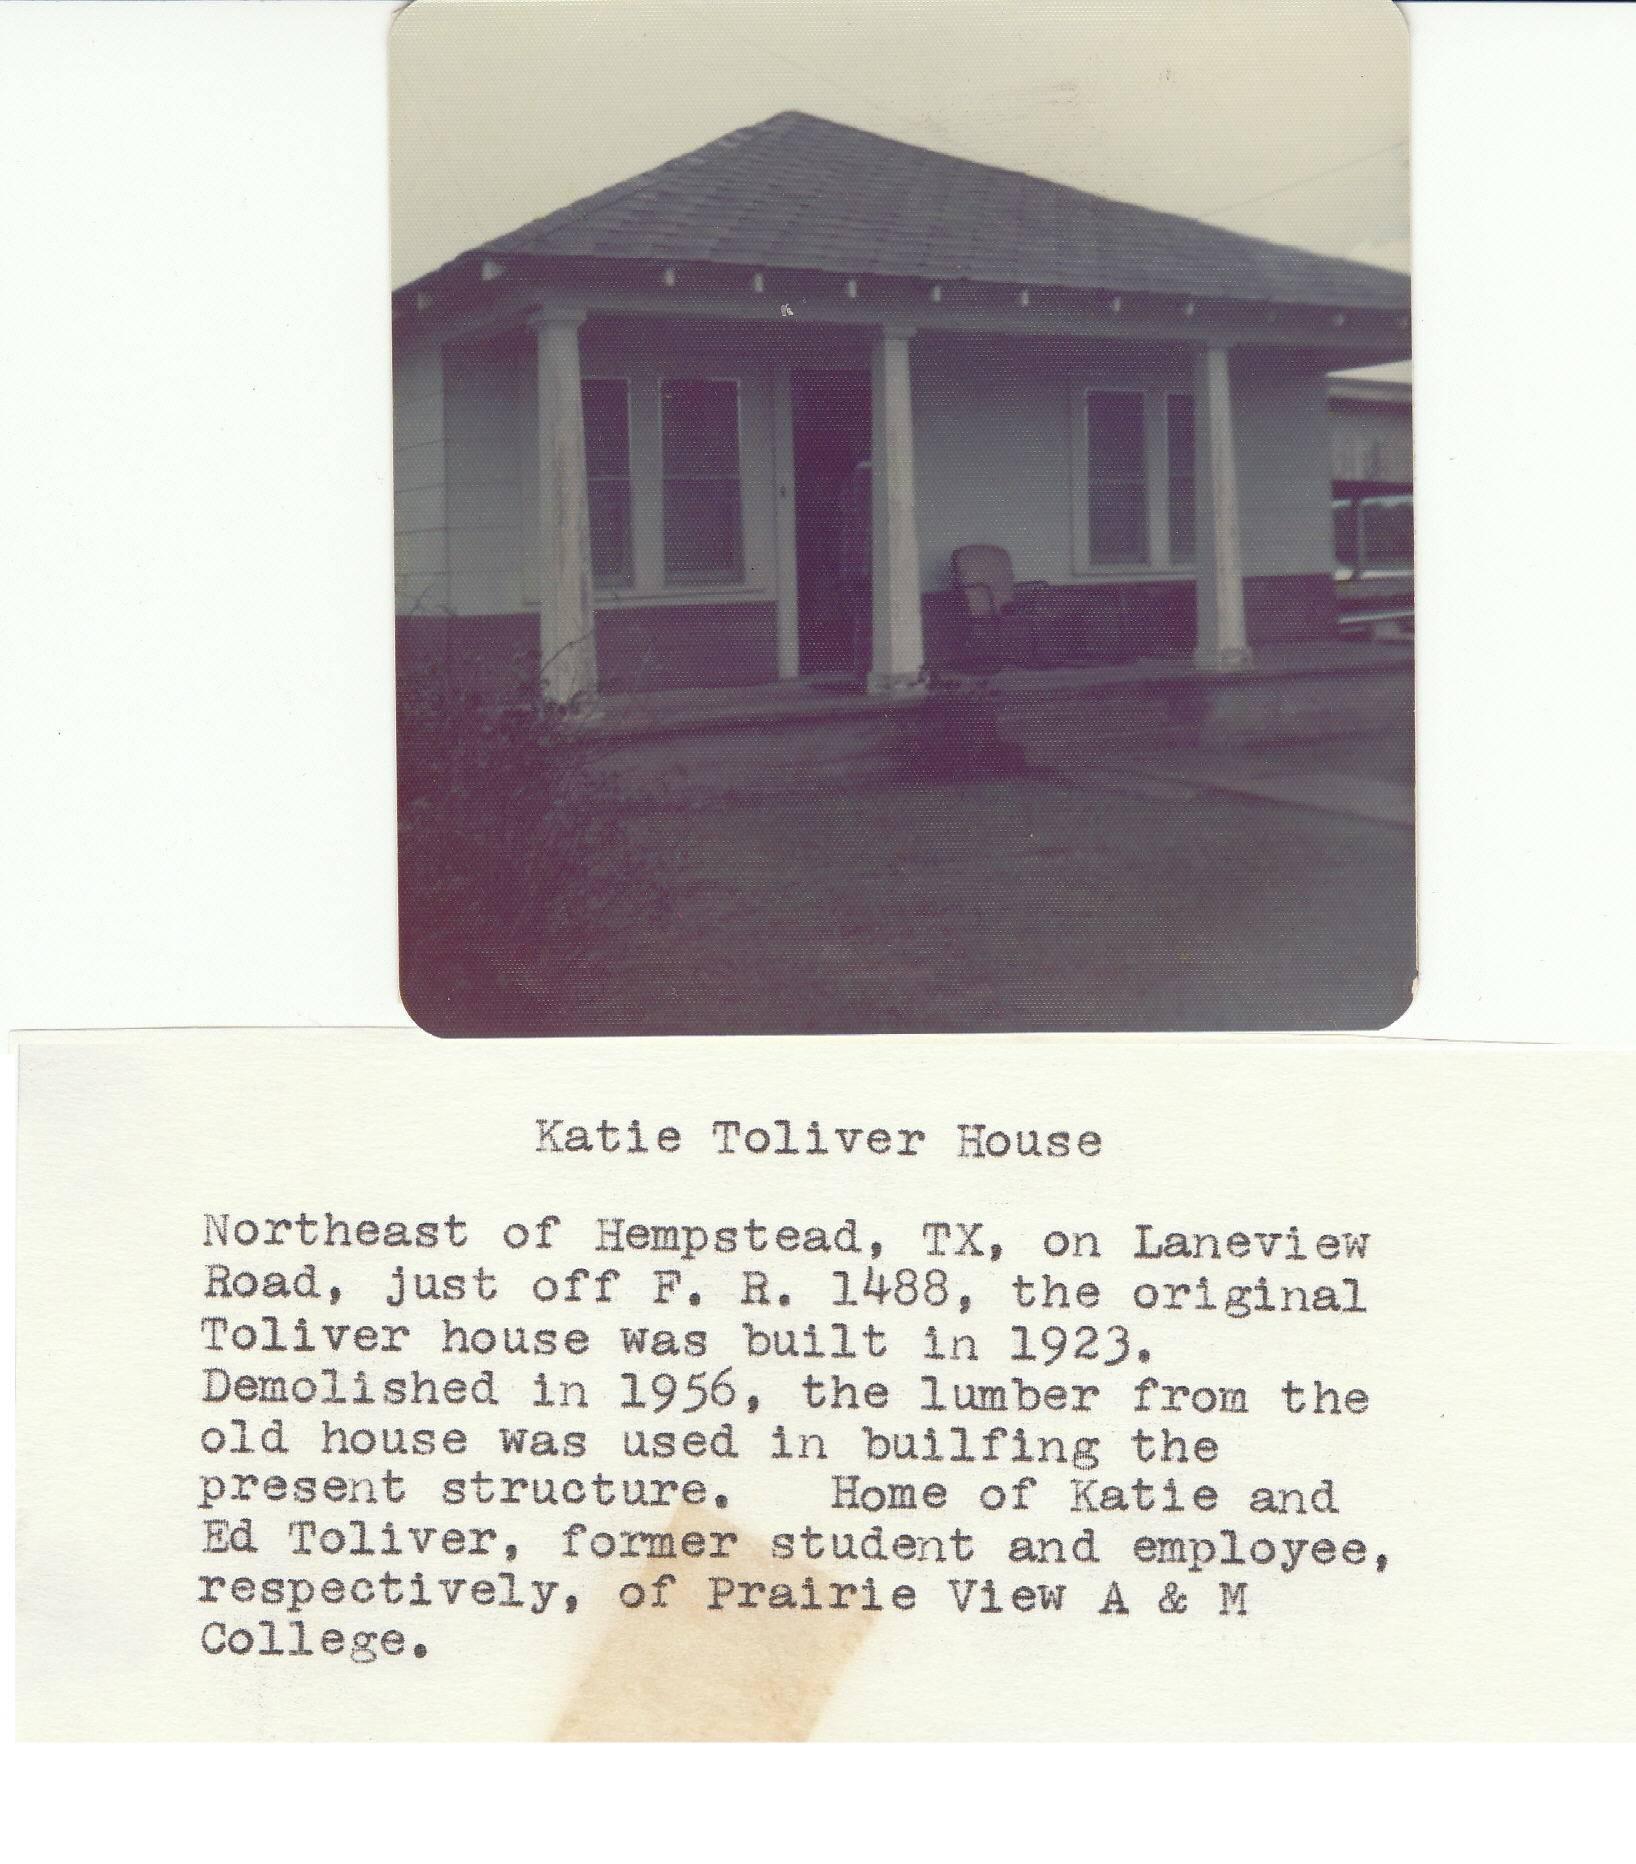 Katie Toliver Home in Hempstead